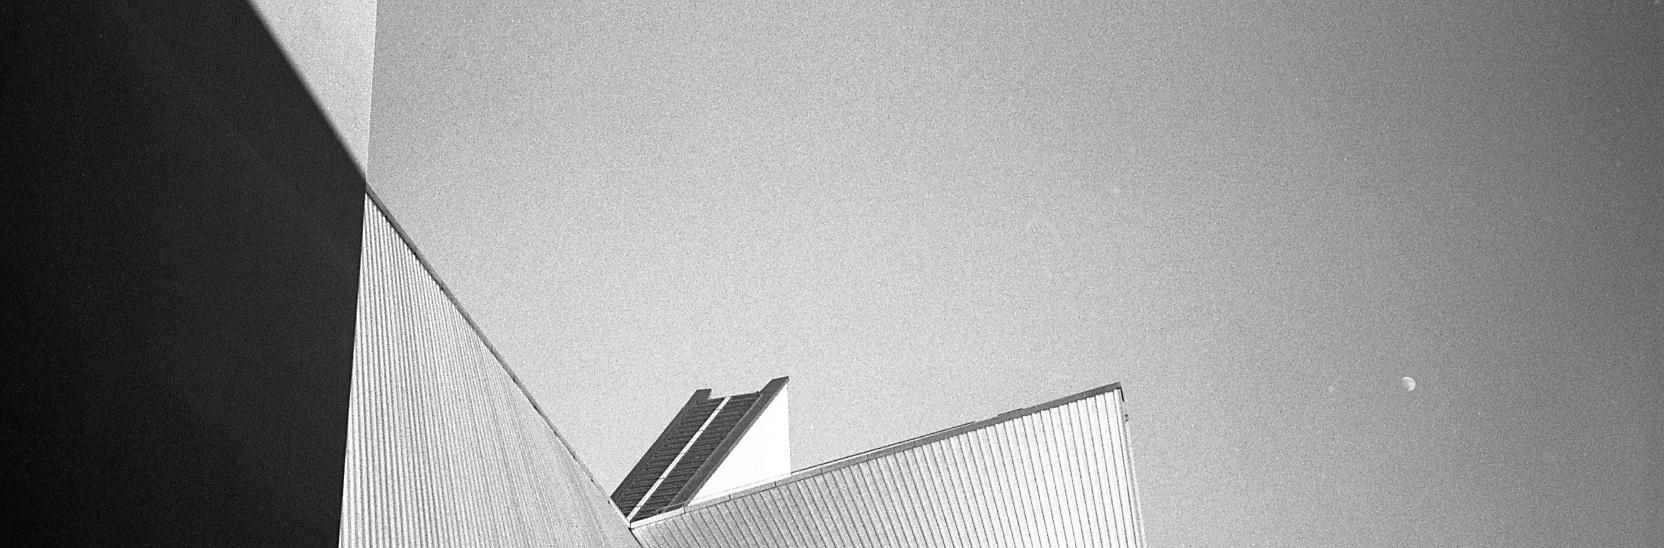 +architecture & gf